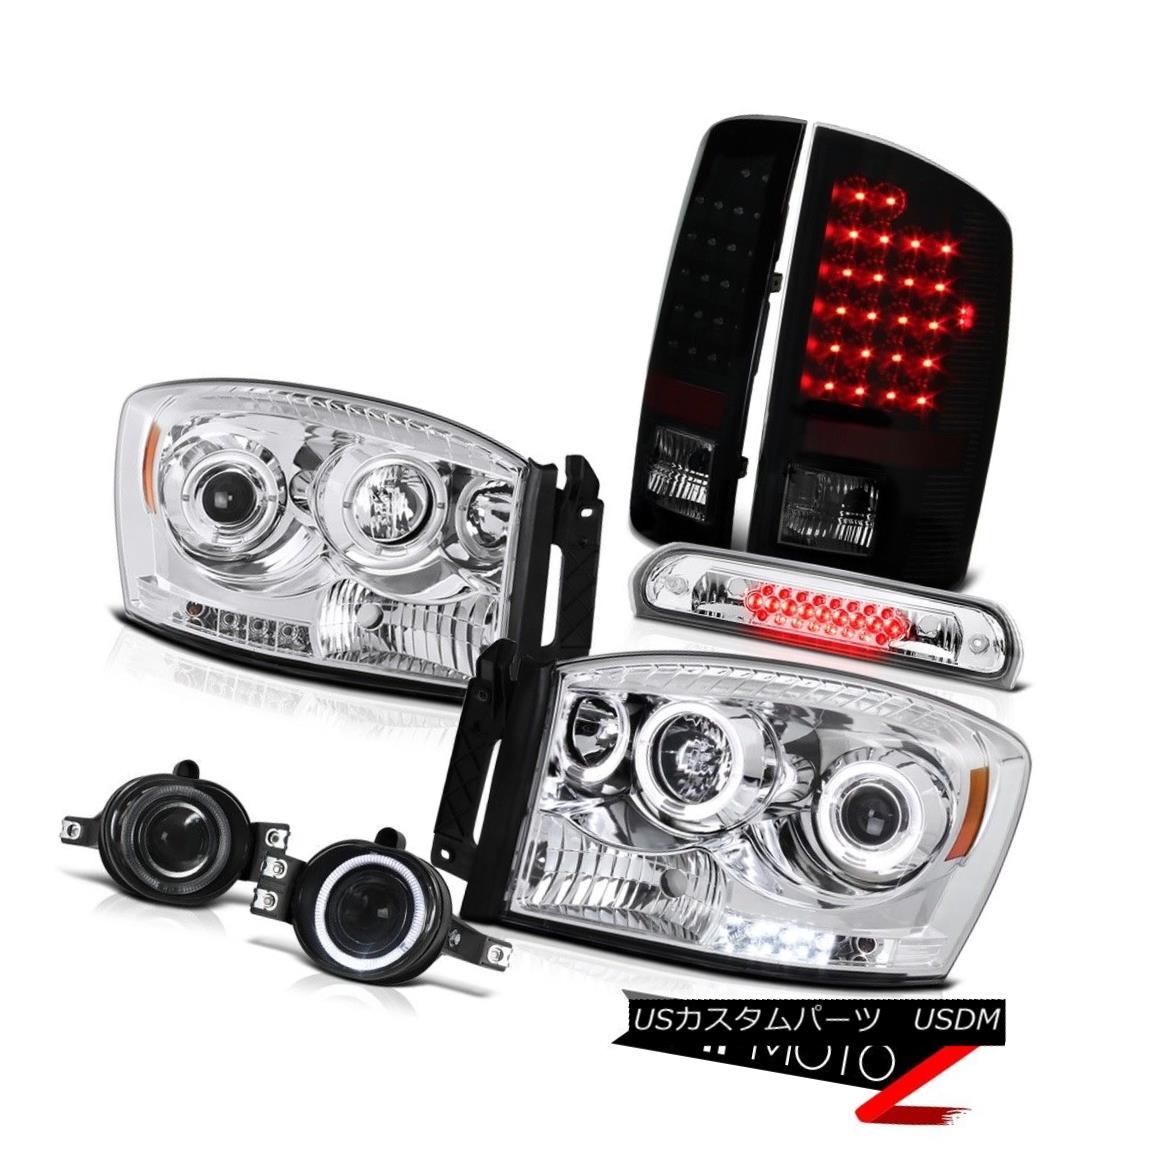 テールライト Projector Headlamps Sinister Black LED Taillights Fog 2006 Dodge Ram TurboDiesel プロジェクターヘッドライト2006年ダッジラムターボディーゼル用の不快なブラックLEDテールライト